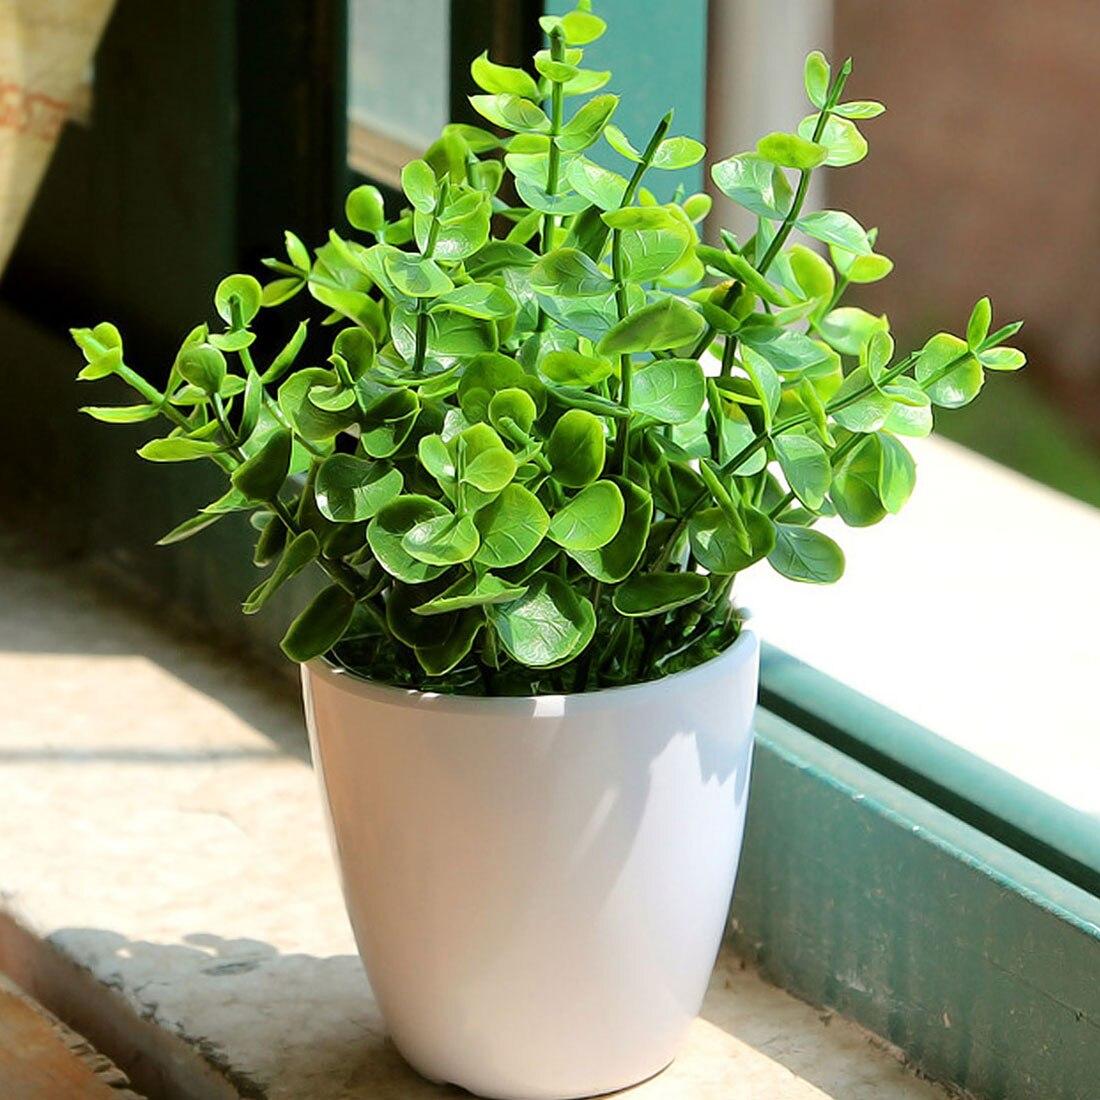 Festliche & Party Supplies Haus & Garten Frank Beste Verkauf Verschiedene Künstliche Pflanzen Lotus Landschaft Dekorative Blume Mini Green Fake-anlage Garten Anordnung Decor